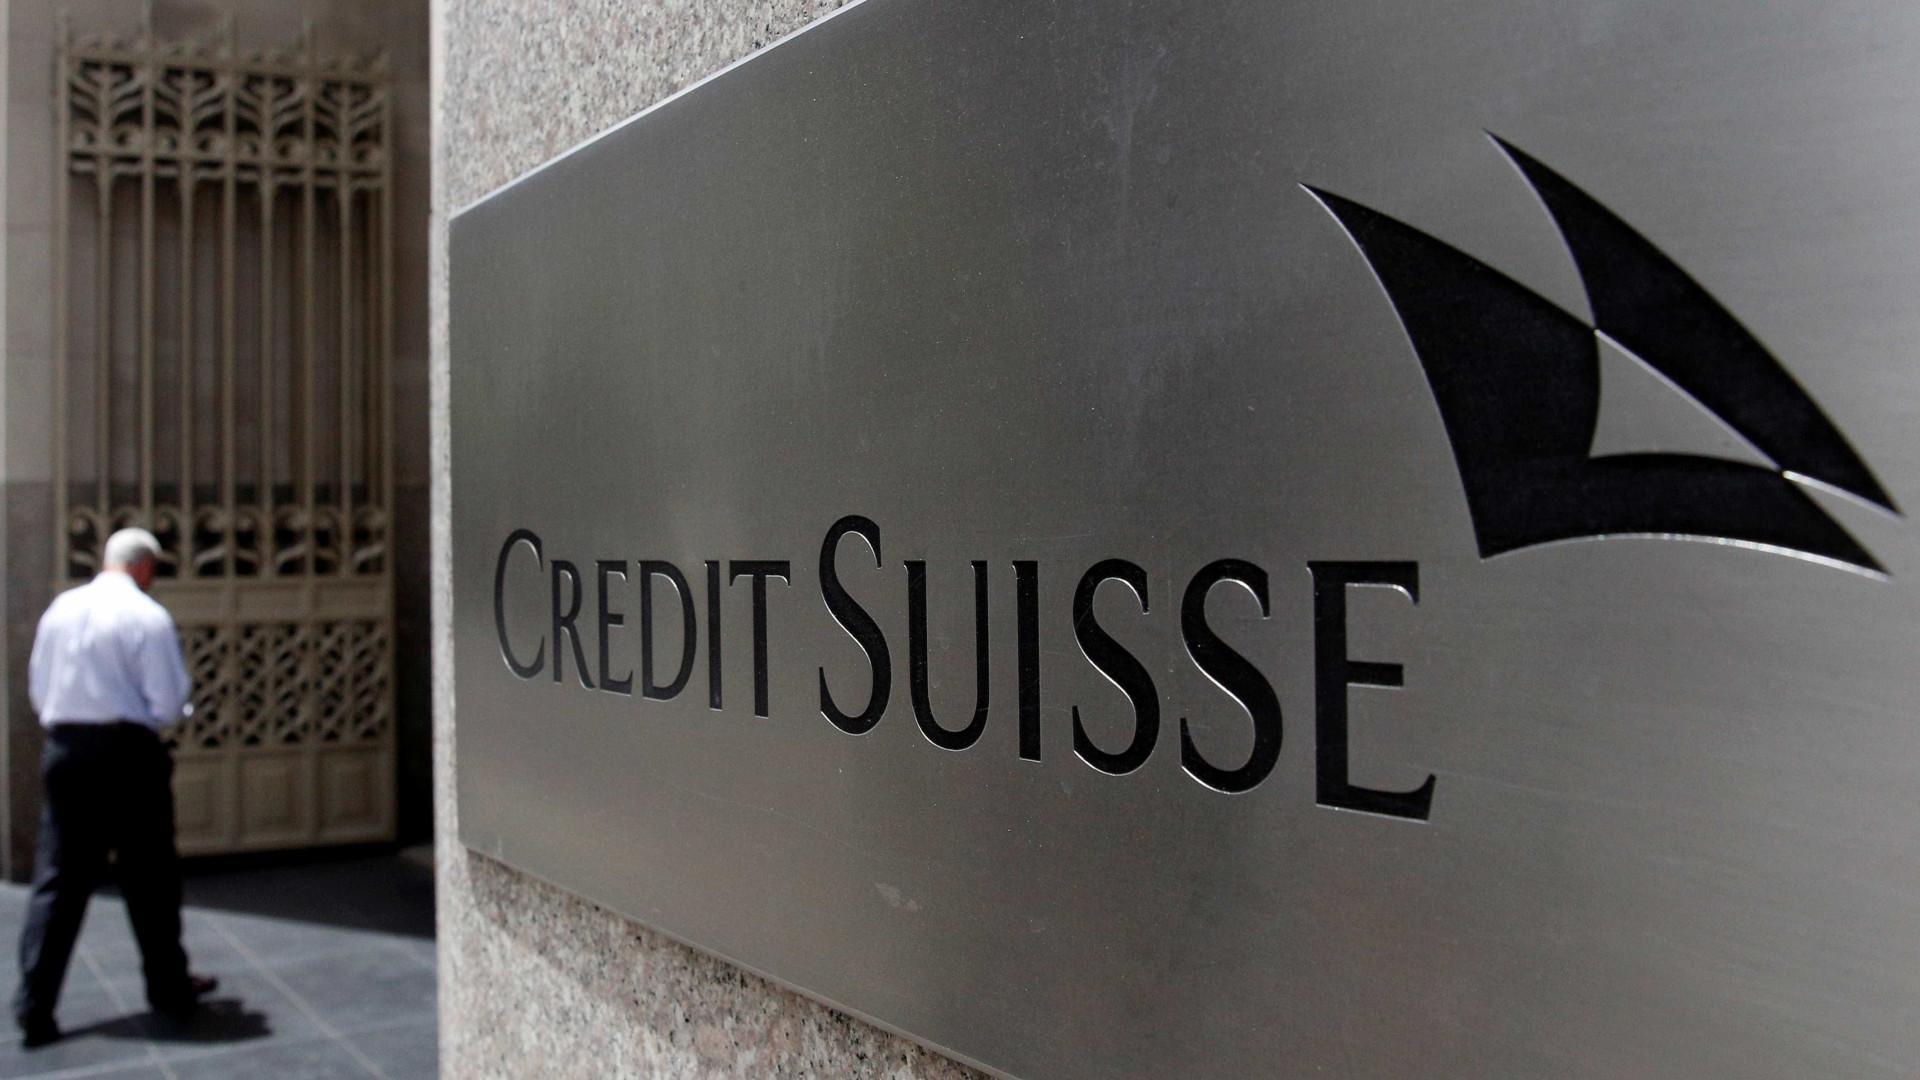 Credit Suisse reduz prejuízos para 852 milhões de euros em 2017